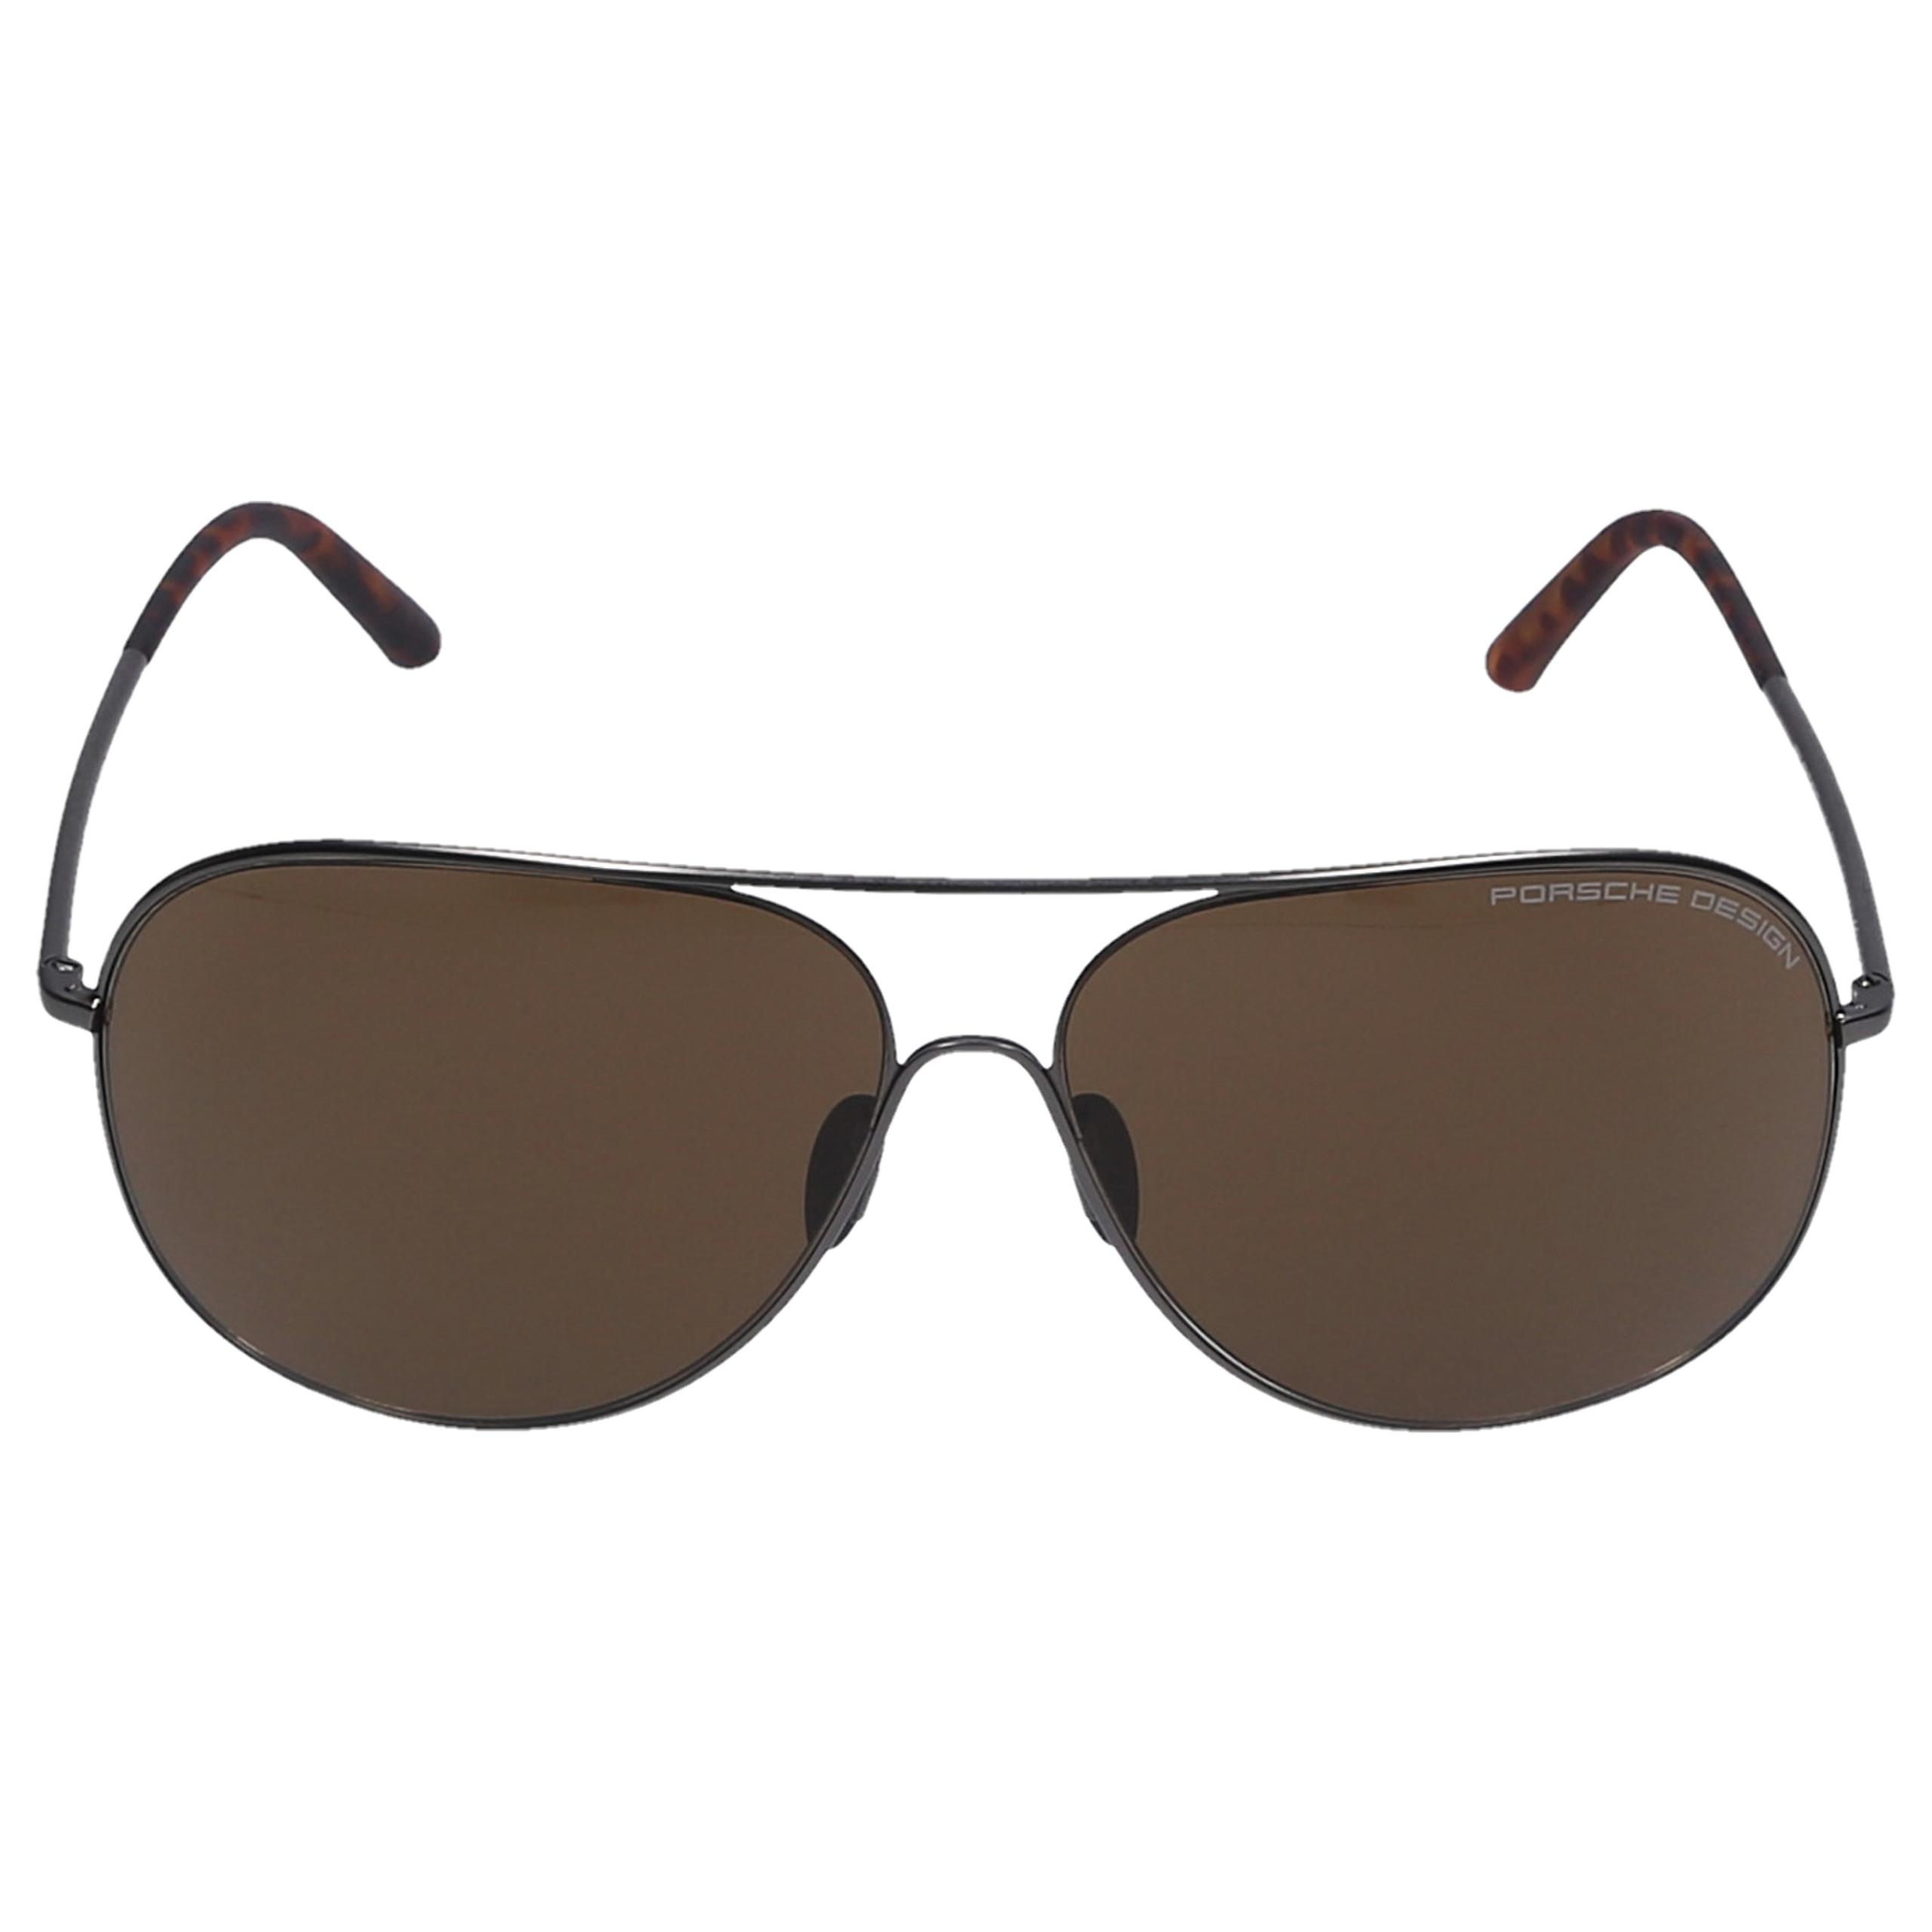 Sonnenbrille Aviator P8605 A 64/12 Acetat Metall silber